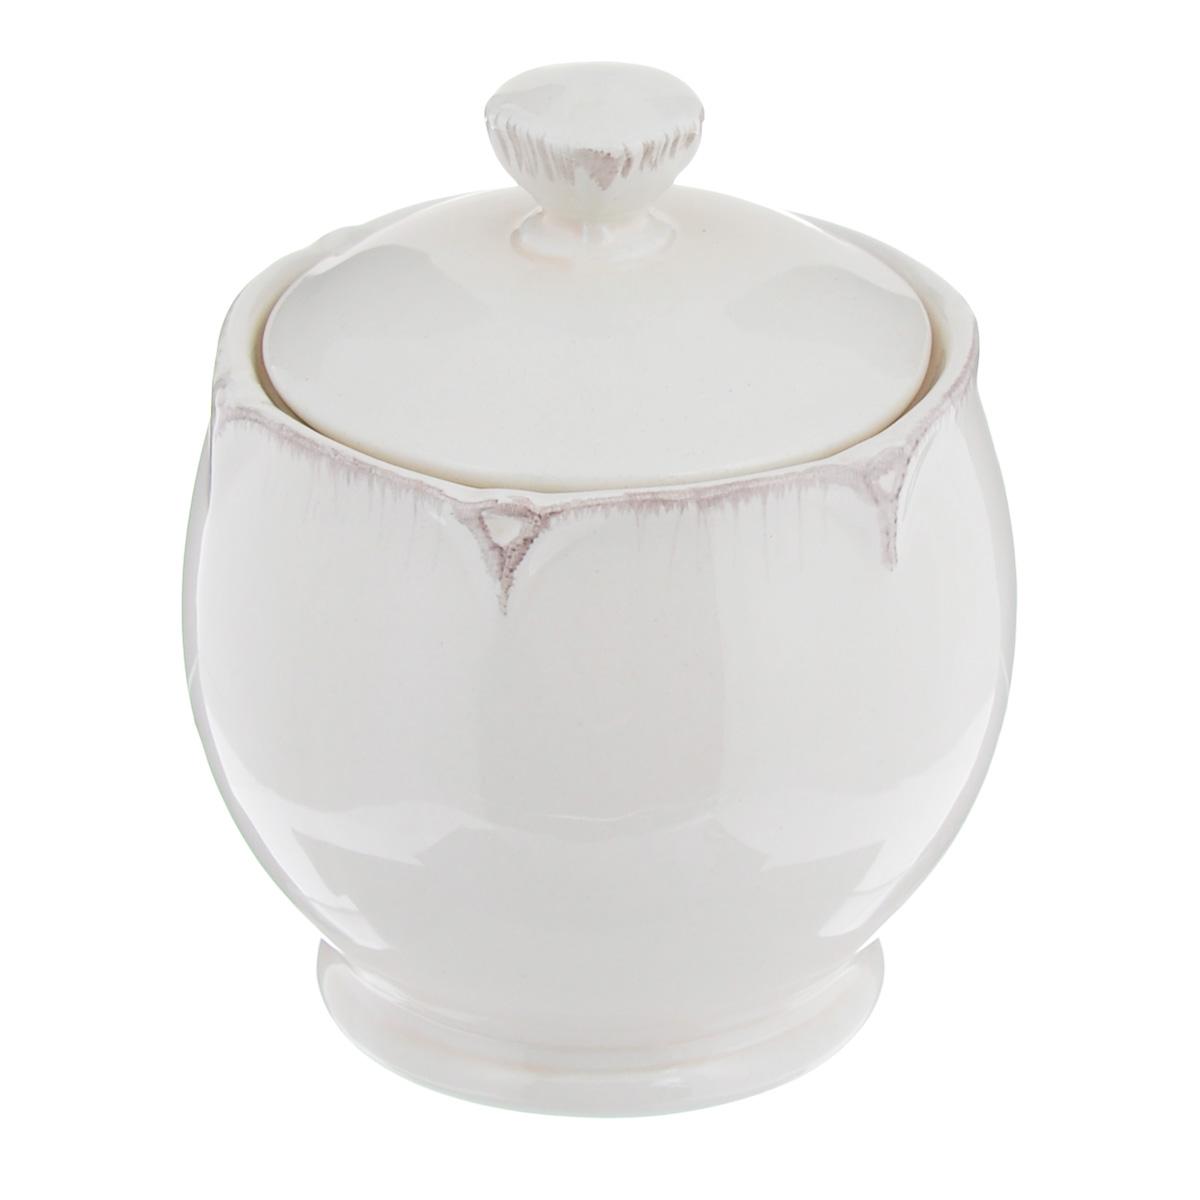 Сахарница Lillo Ideal, 300 мл214199Сахарница с крышкой Lillo Ideal, изготовленная из высококачественной керамики, доставит истинное удовольствие ценителям прекрасного. Сахарница украшена рельефом по краю. Красочность оформления придется по вкусу и ценителям классики, и тем, кто предпочитает утонченность и изысканность.Остерегайтесь сильных ударов. Не применять абразивные чистящие средства. Диаметр сахарницы: 6 см.Высота сахарницы (без учета крышки): 8 см.Объем: 300 мл.